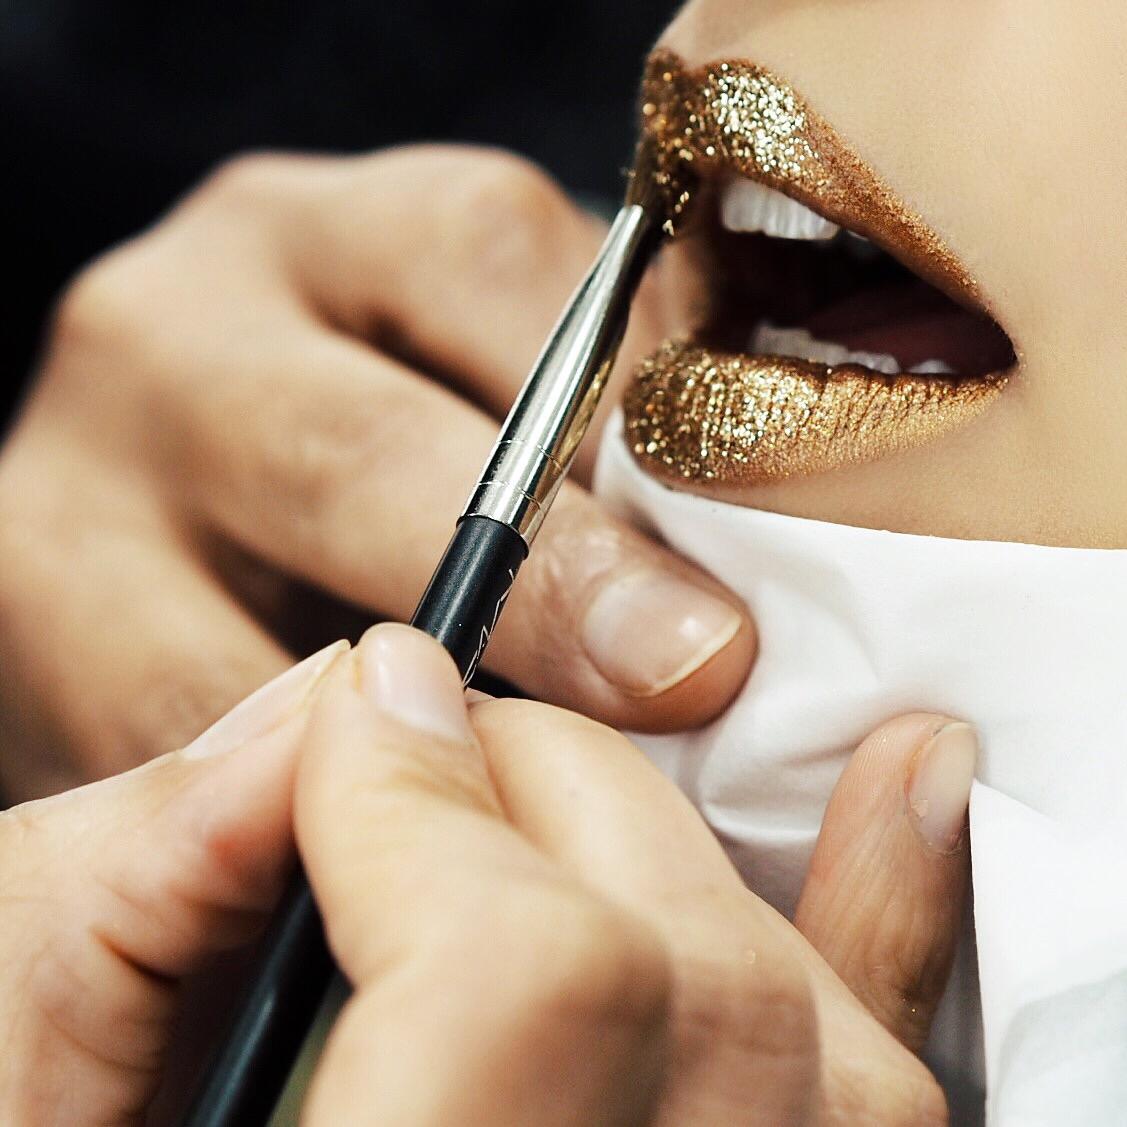 mac-cosmetics-beleza-maquiagem-carnaval-make-glitter-dourado-boca-batom-fabi-fabiana-gomes